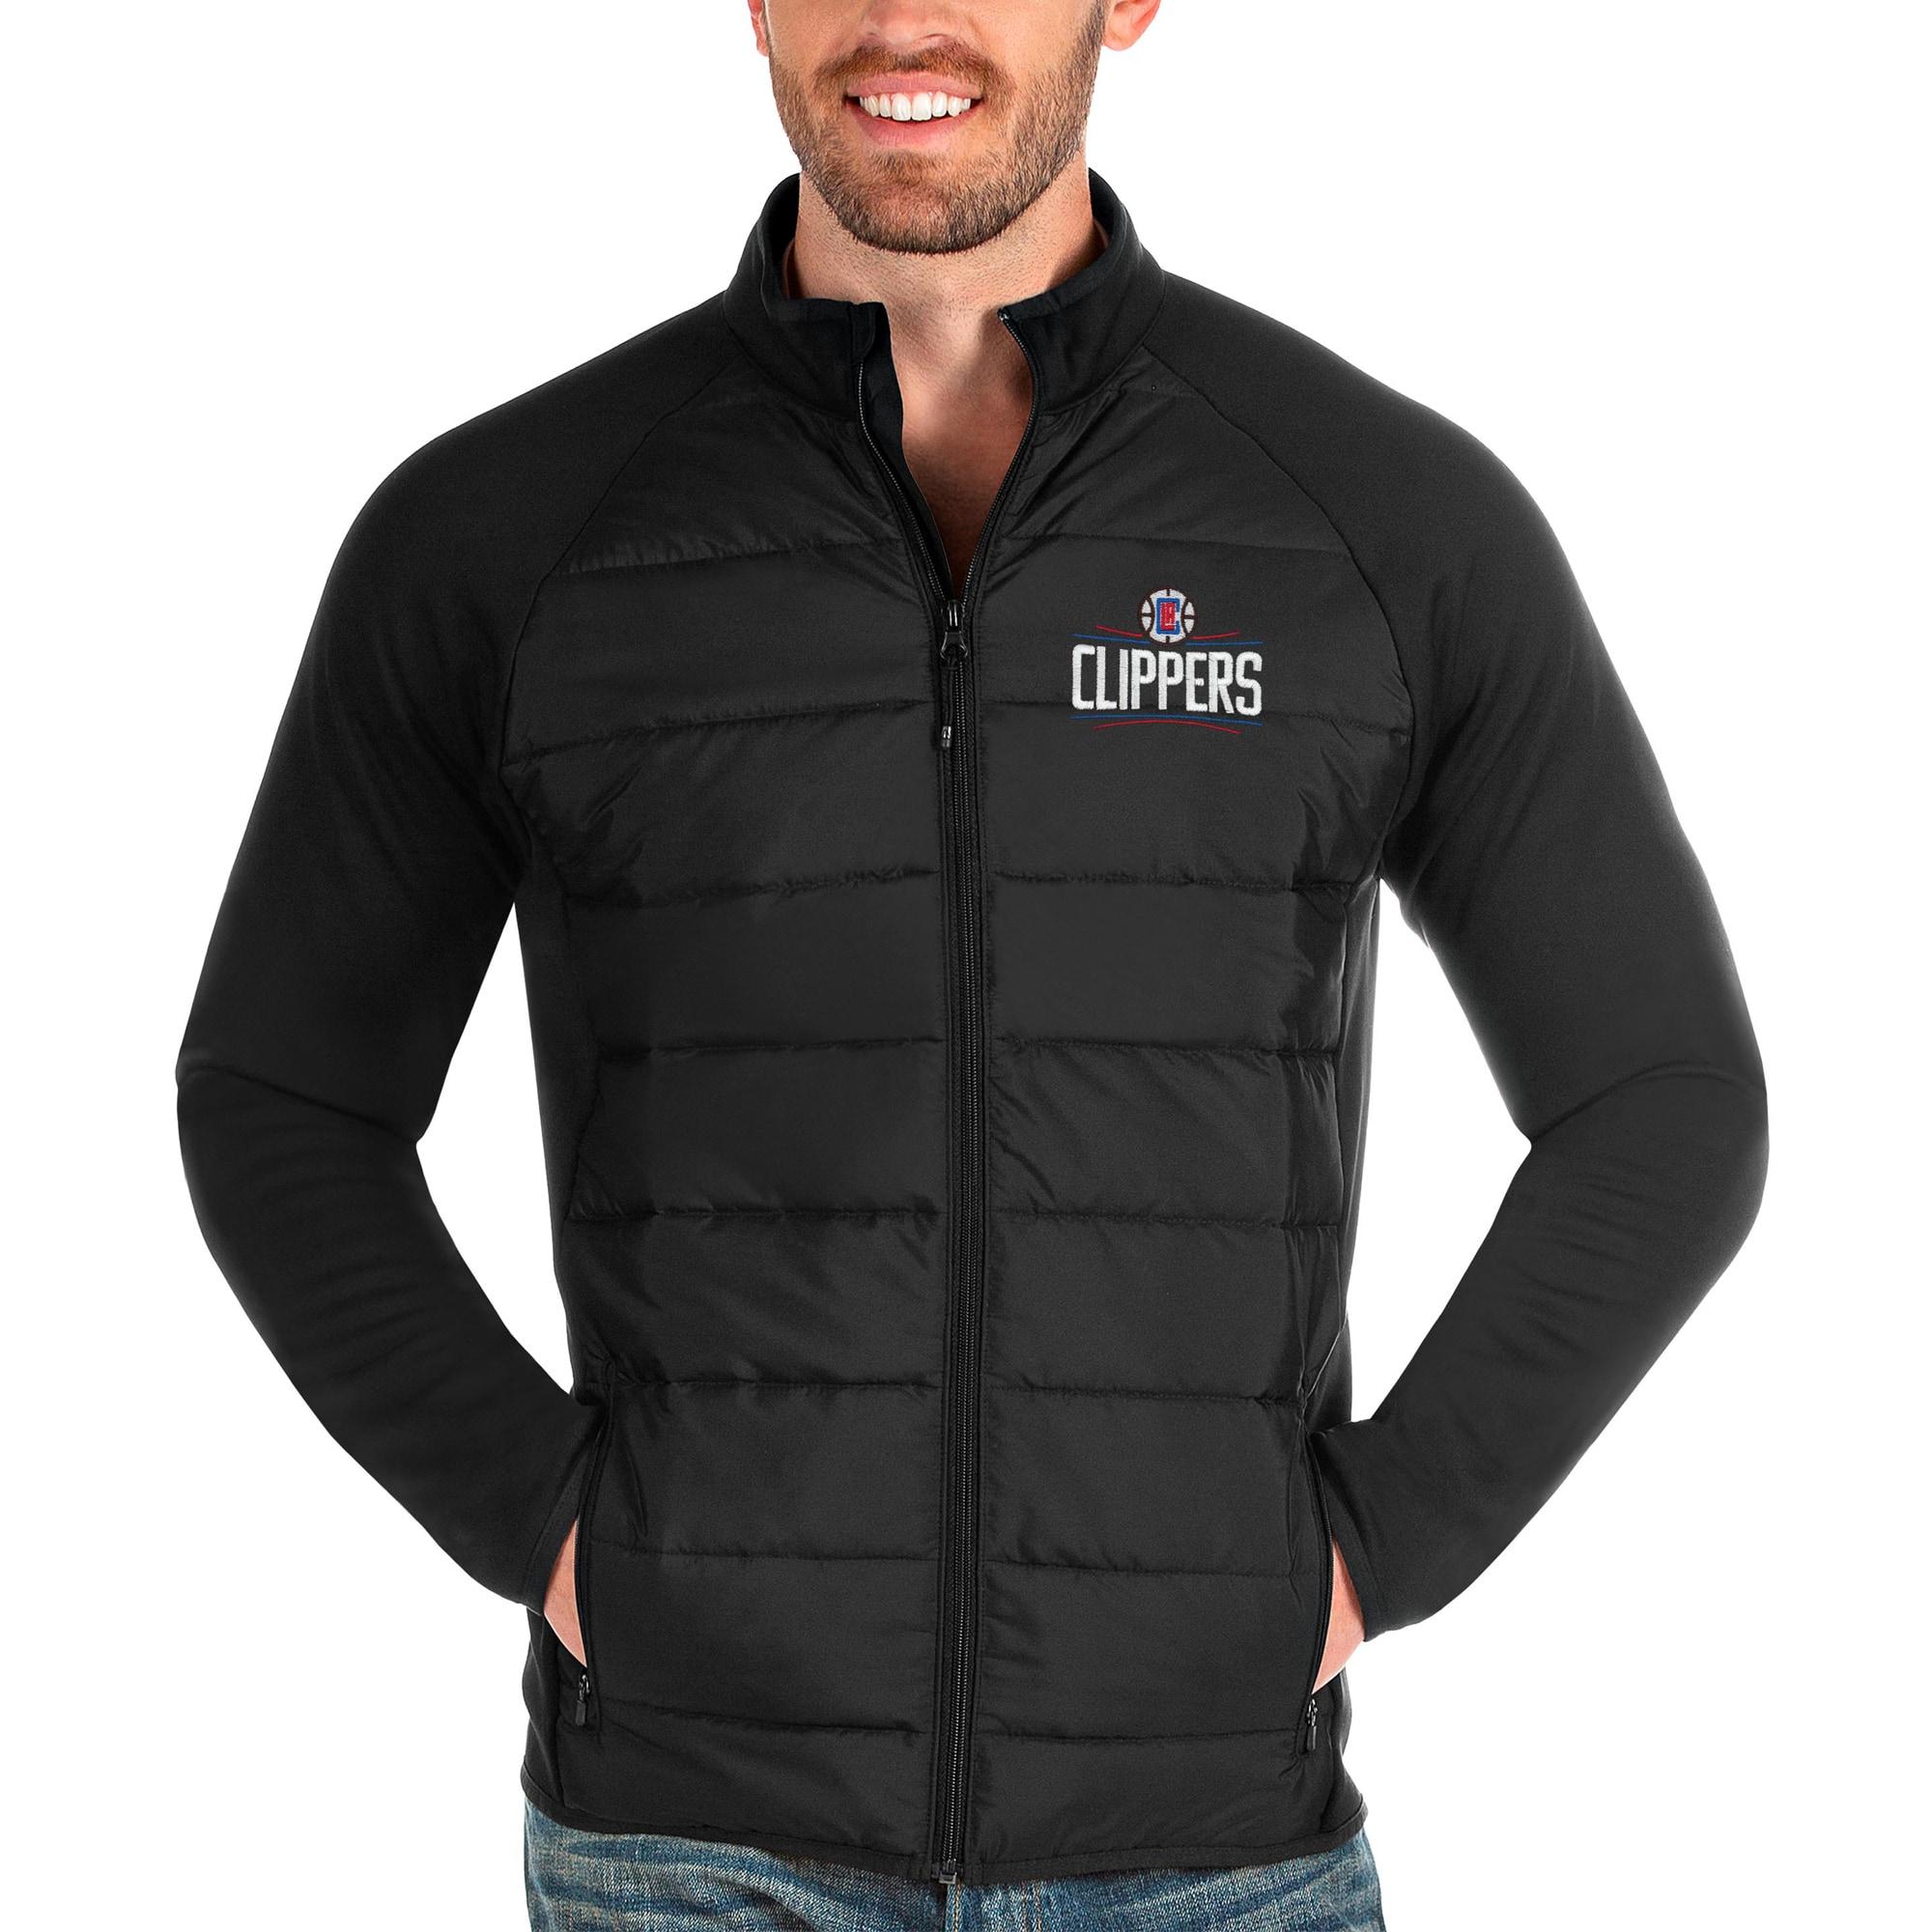 LA Clippers Antigua Altitude Full-Zip Jacket - Black